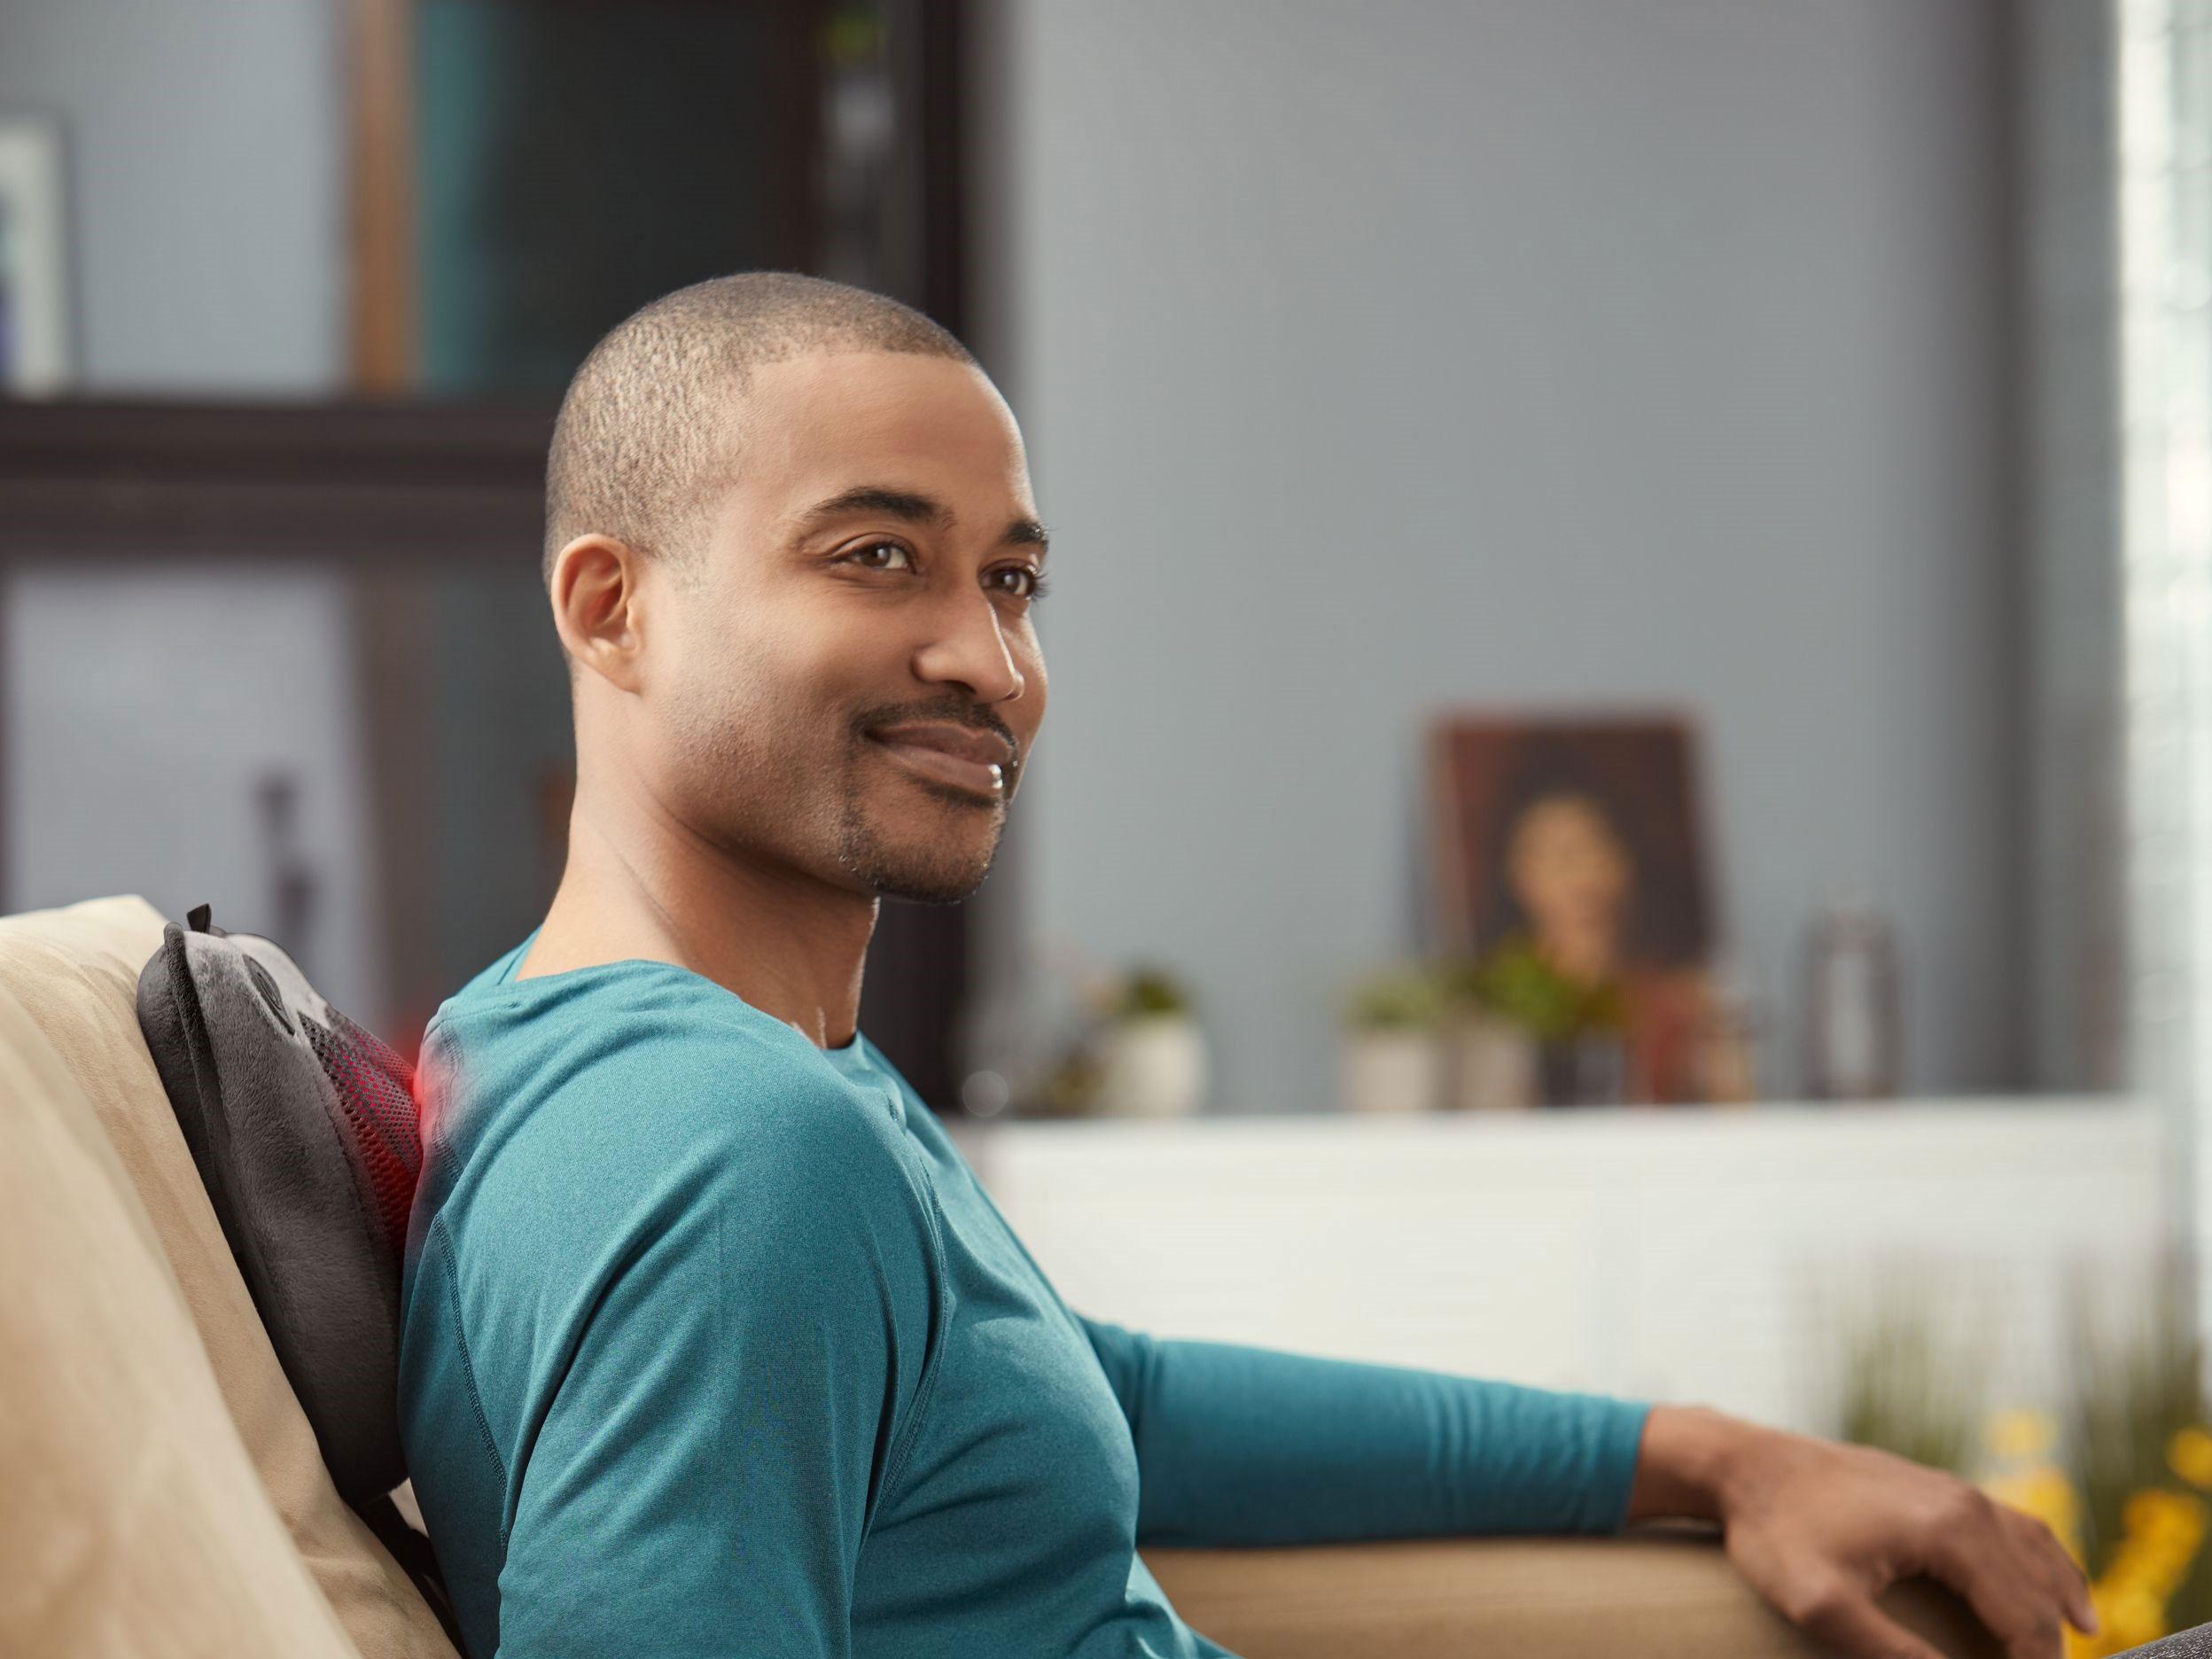 Gối massage Homedics